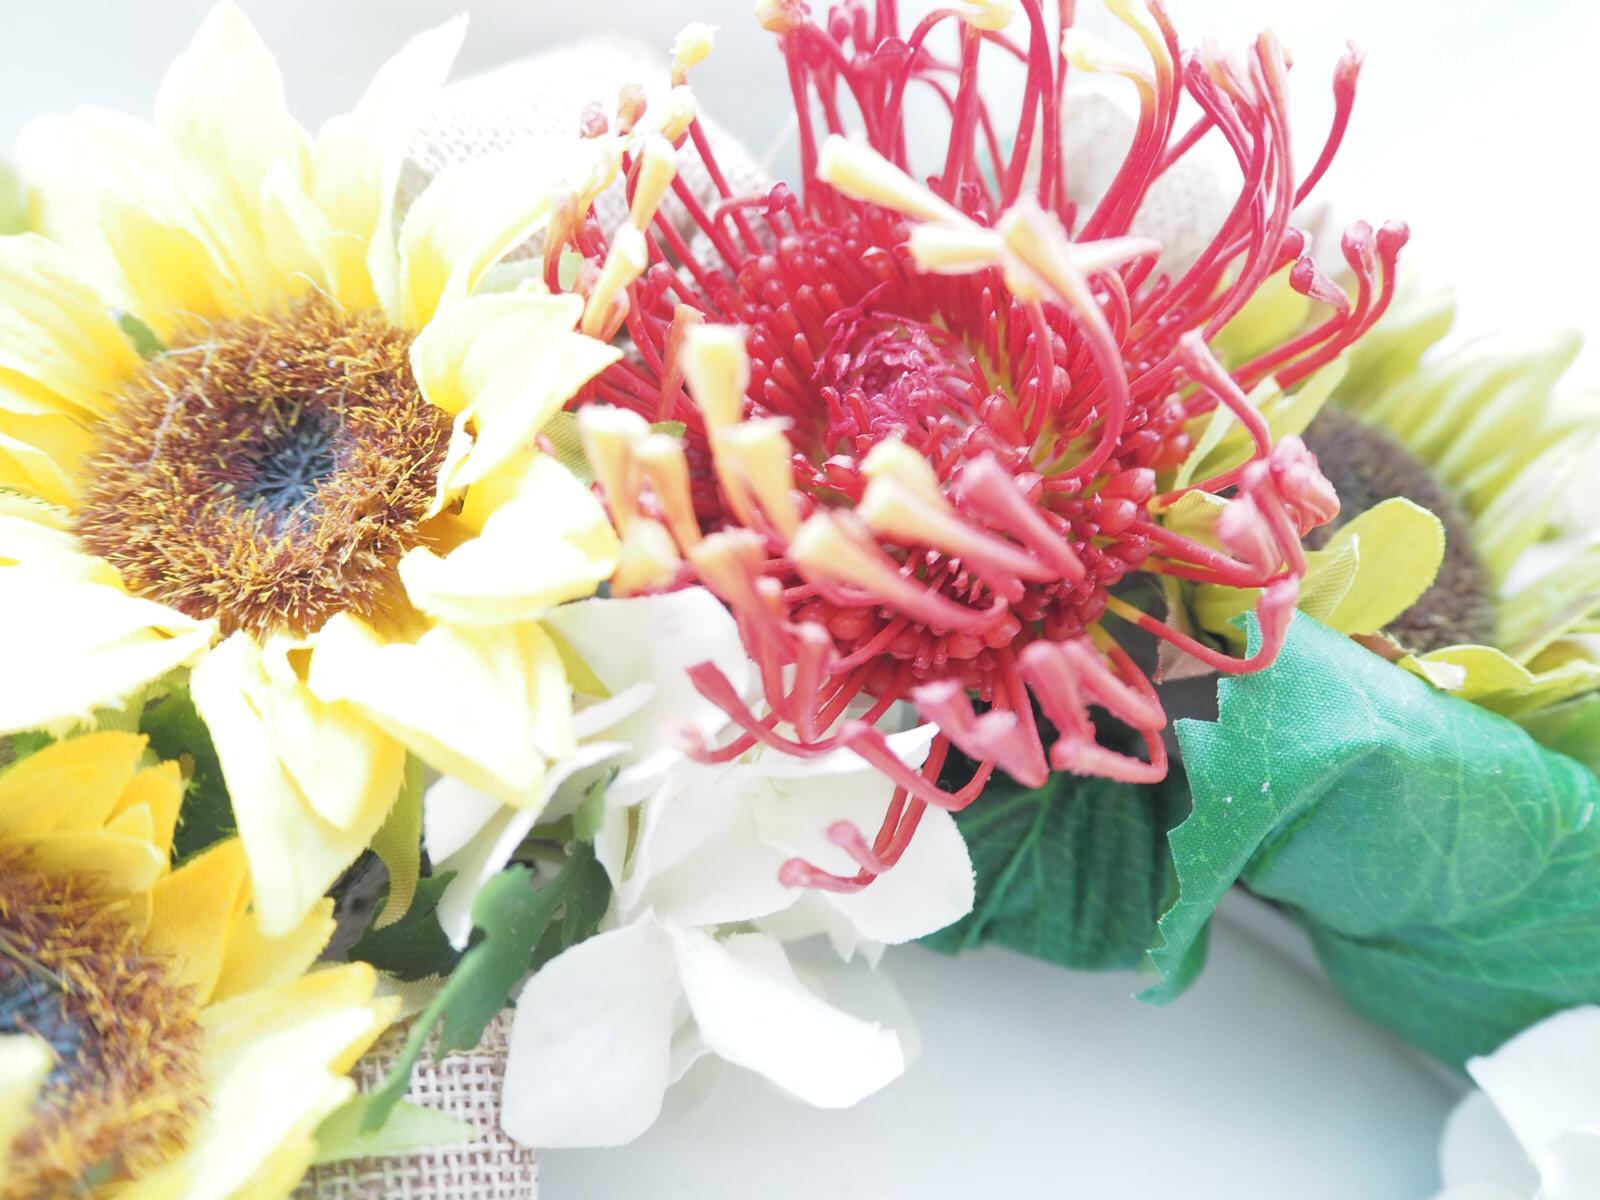 ピンクッション,針山,花,アフリカ,トロピカル,